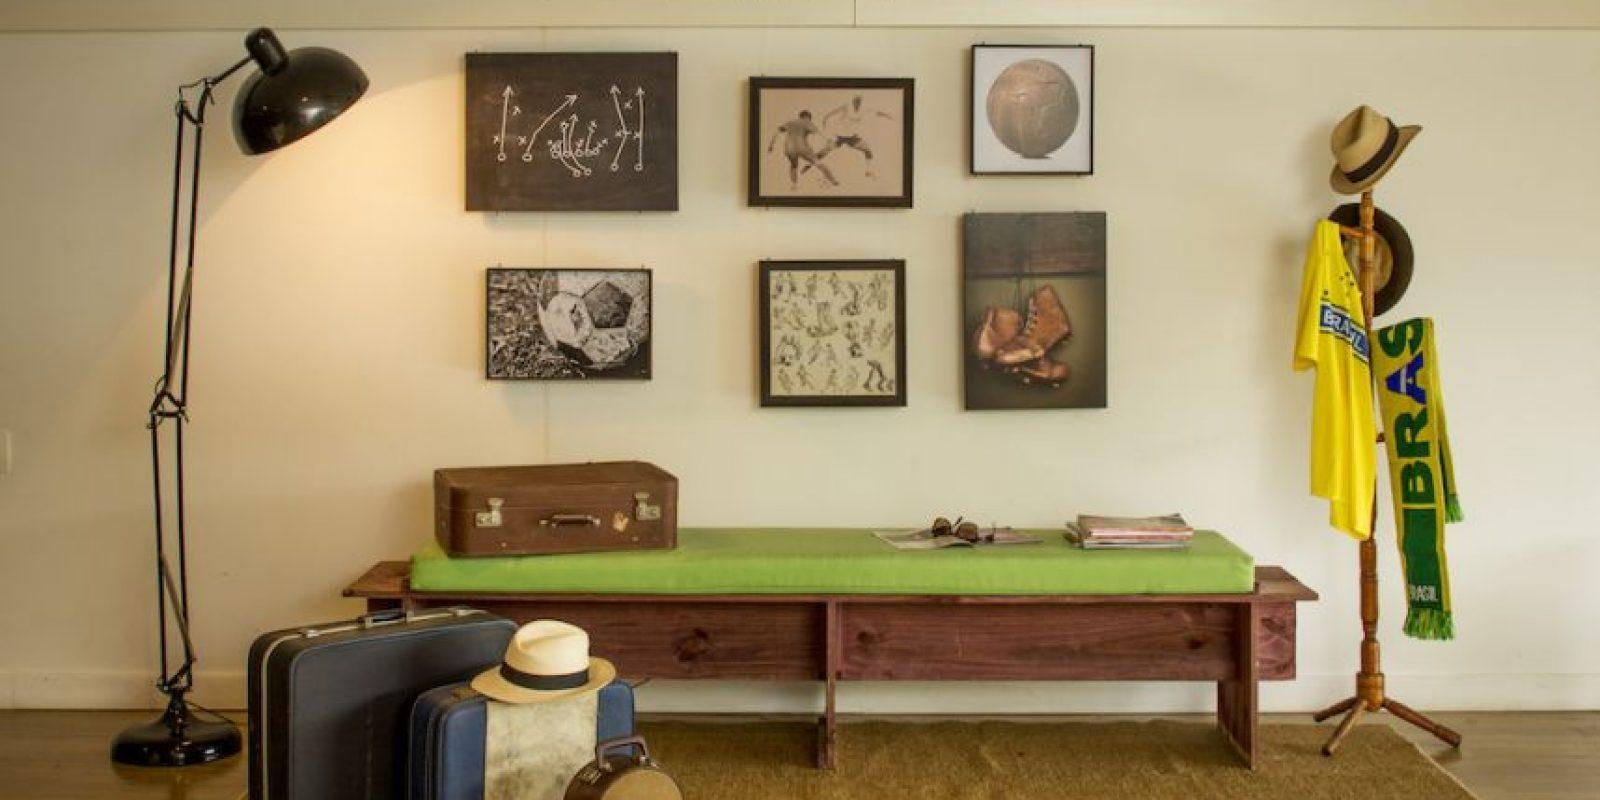 La habitación está diseñada para dos personas. Foto:Airbnb